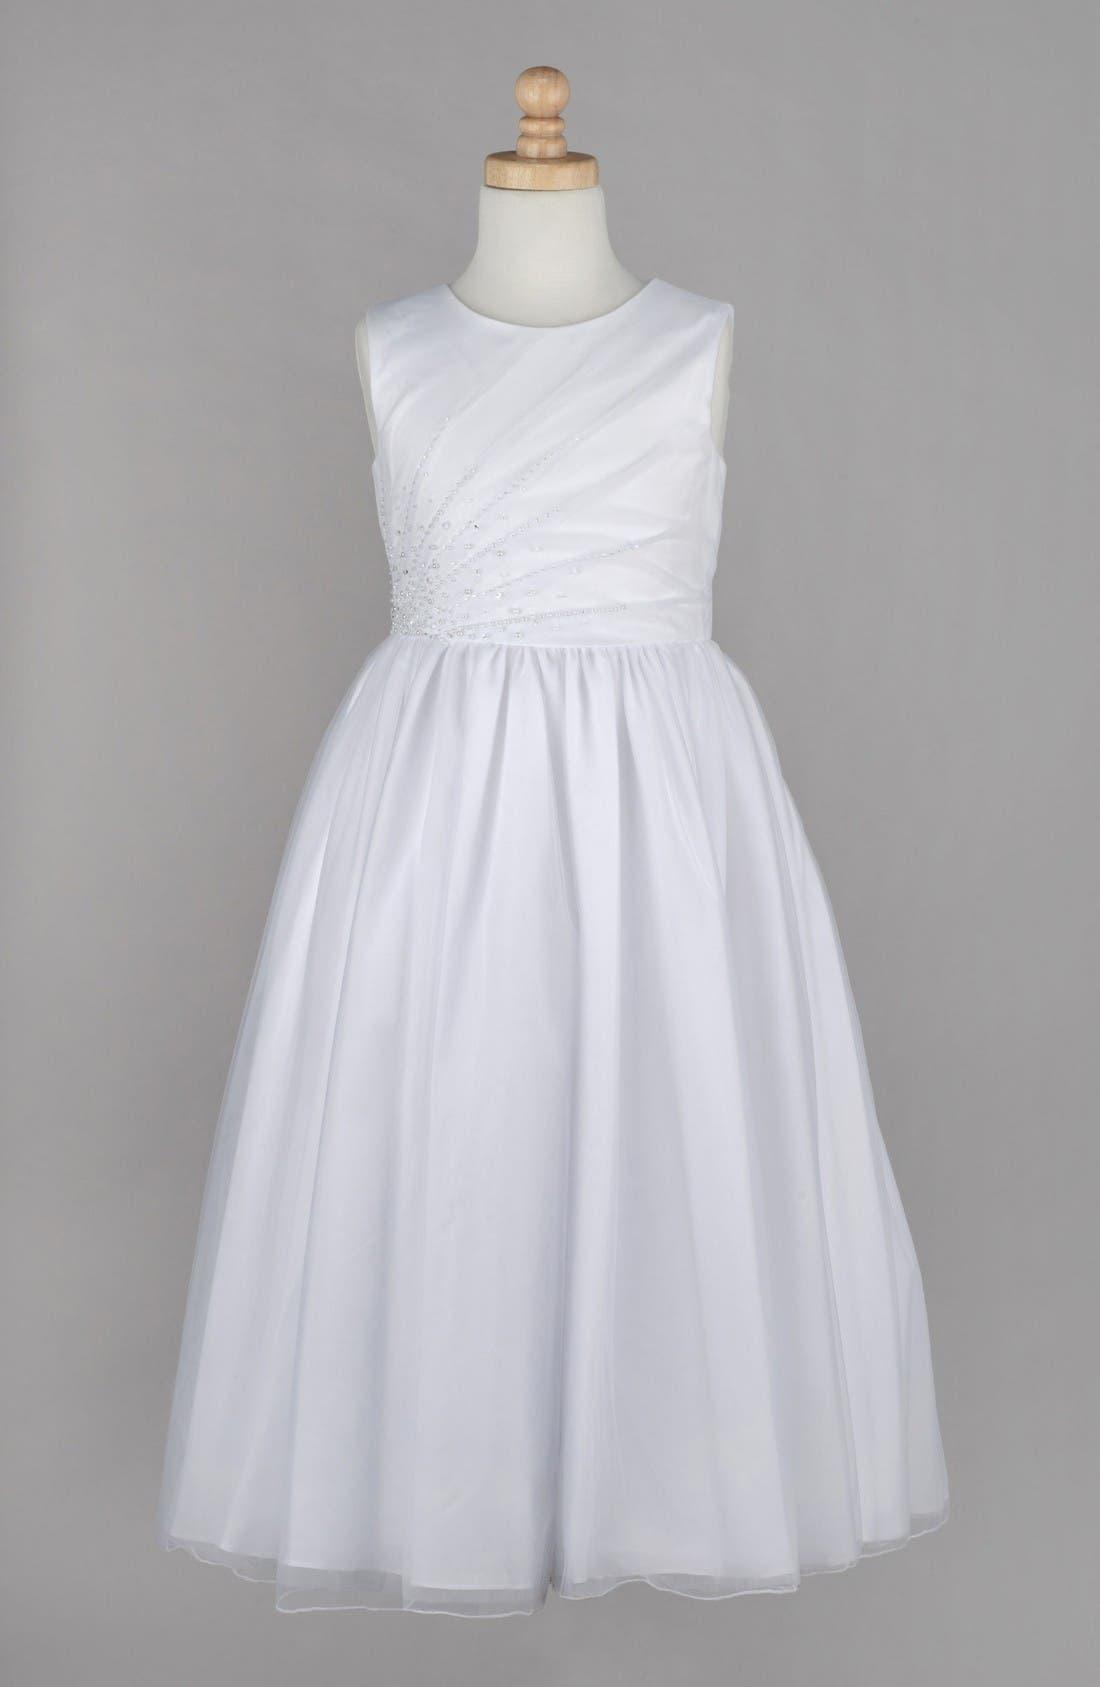 Main Image - Lauren Marie Beaded First Communion Dress (Little Girls & Big Girls)